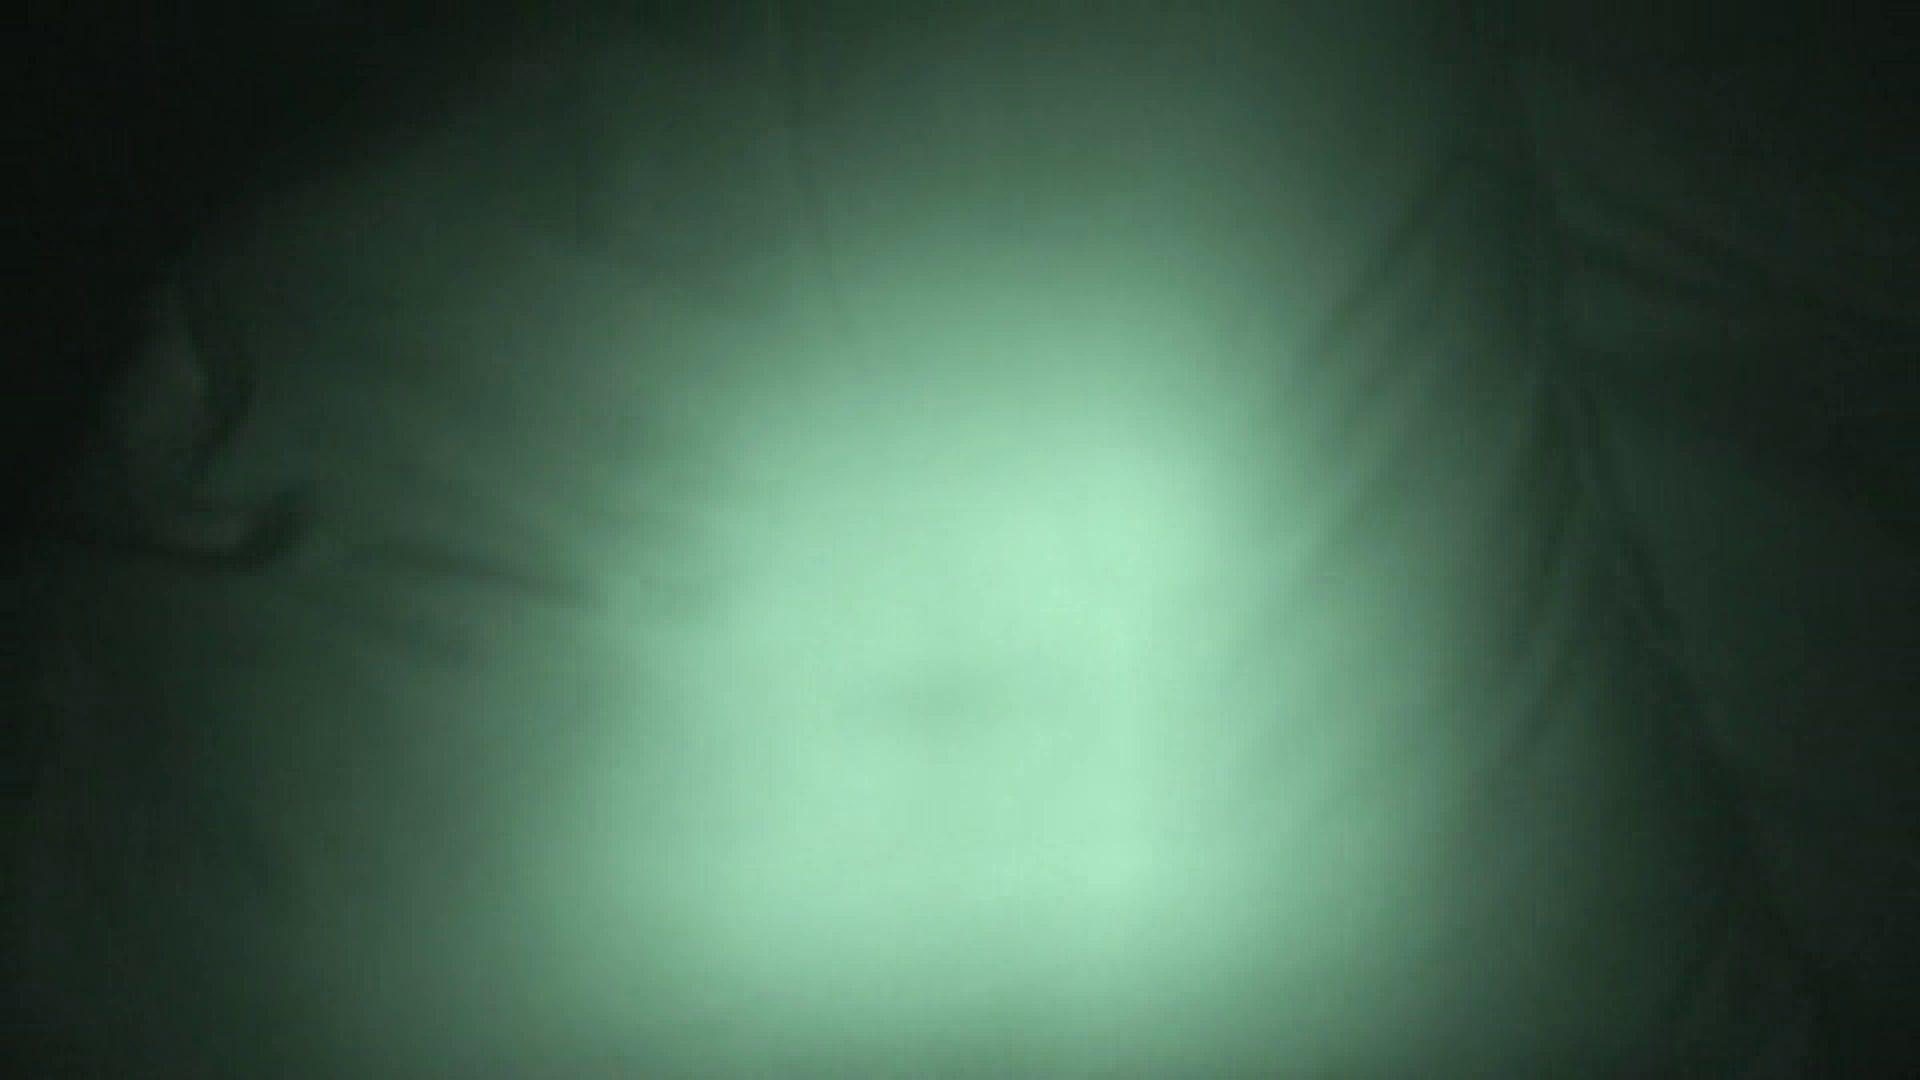 独占配信! ●罪証拠DVD 起きません! vol.10 反撃の悪戯 オメコ無修正動画無料 97pic 39